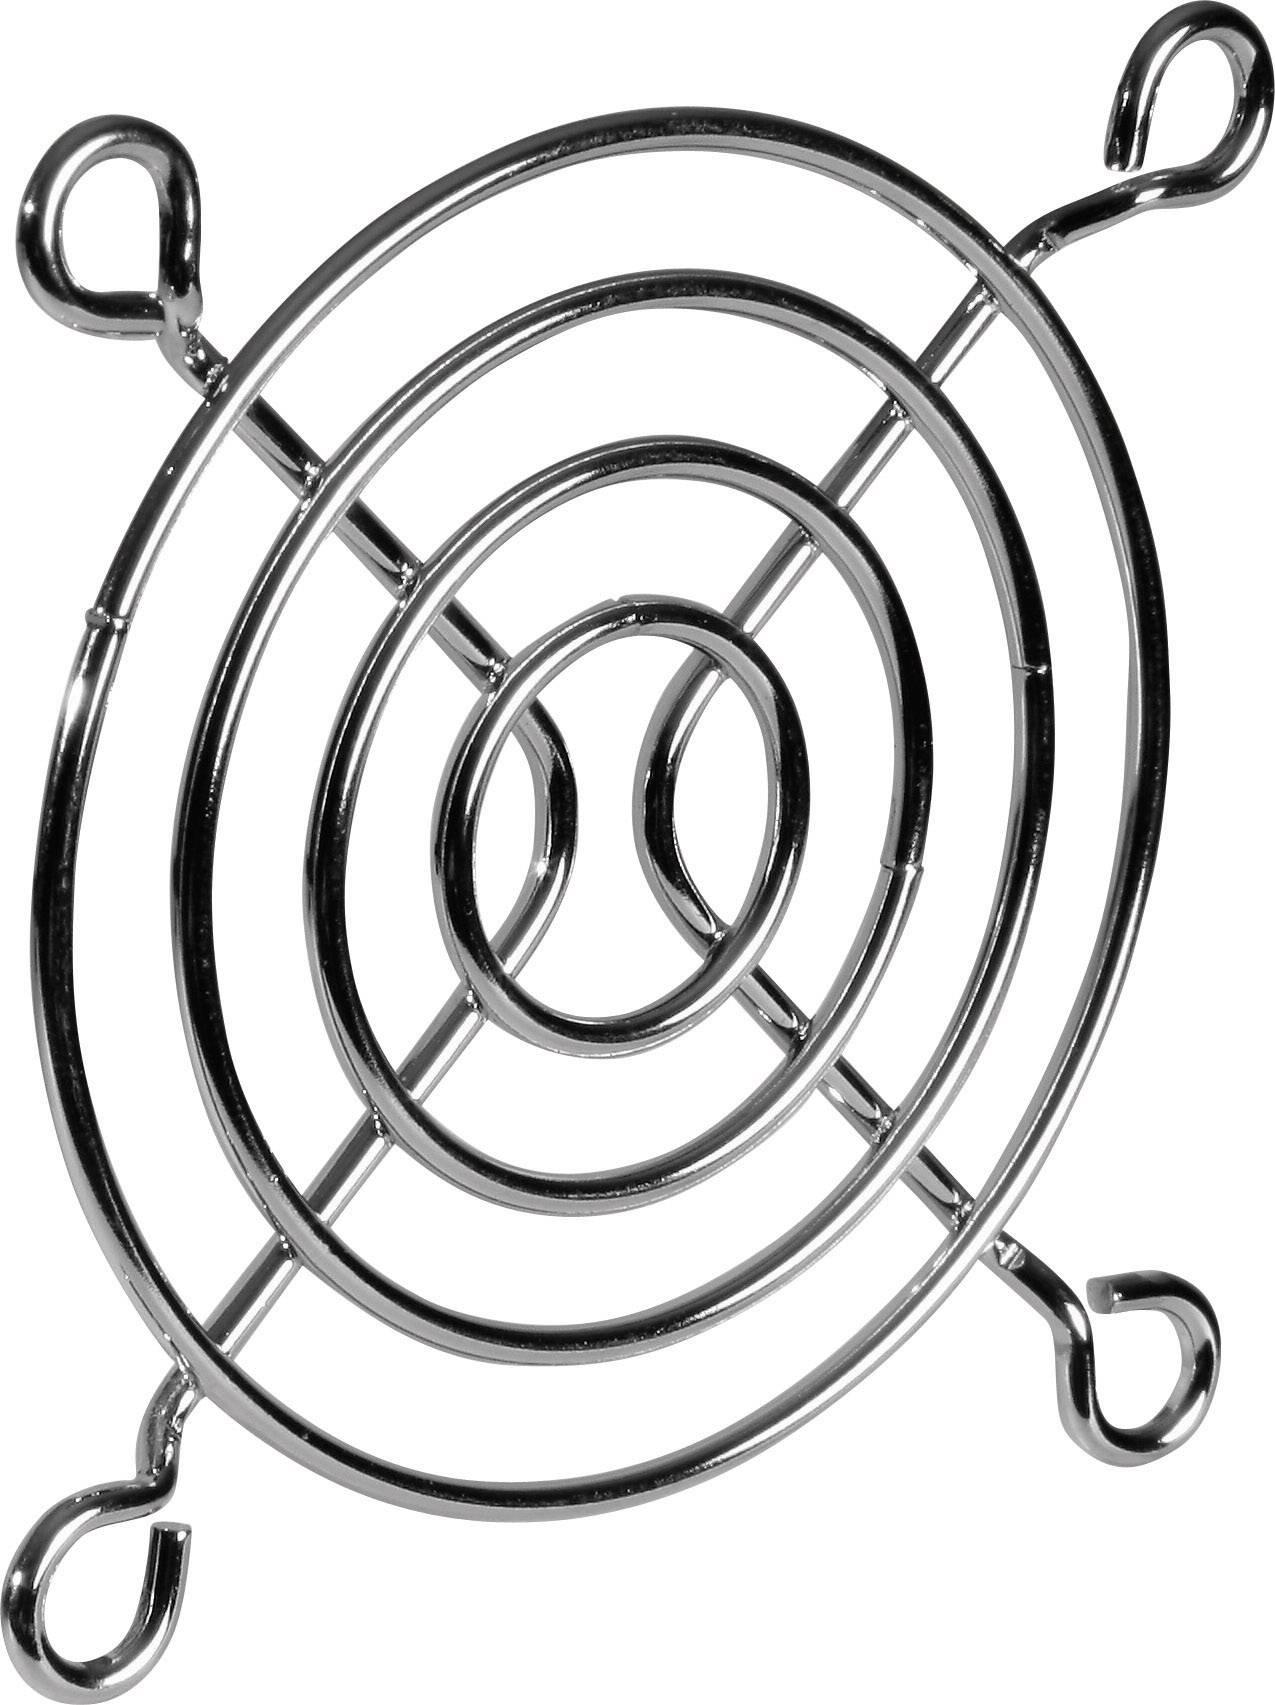 Ochranná mřížka ventilátoru SEPA FG92, 92 mm x 92 mm